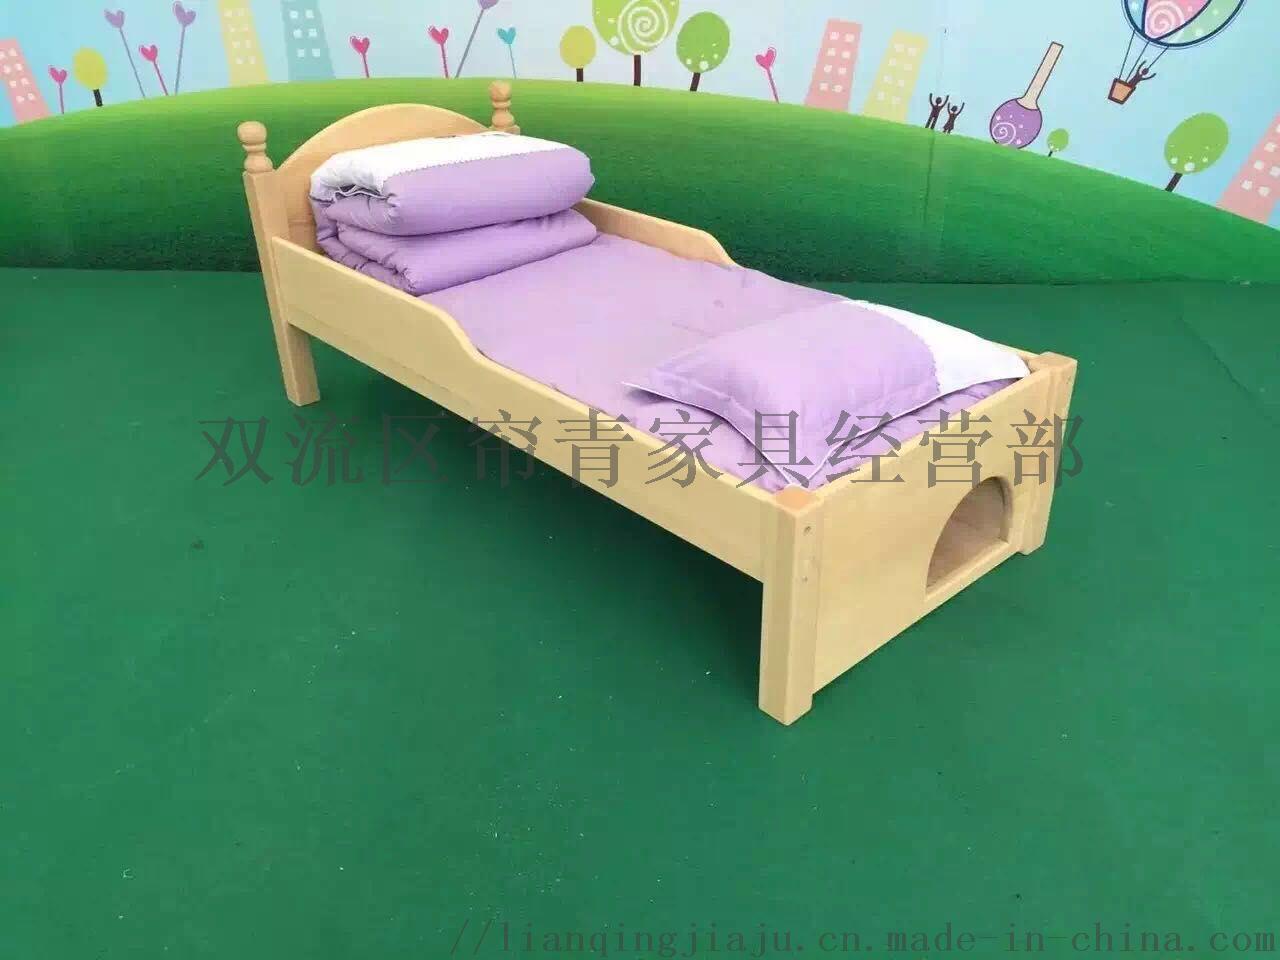 遵义幼儿园家具小床实木材质成都幼儿园家具厂家143228535